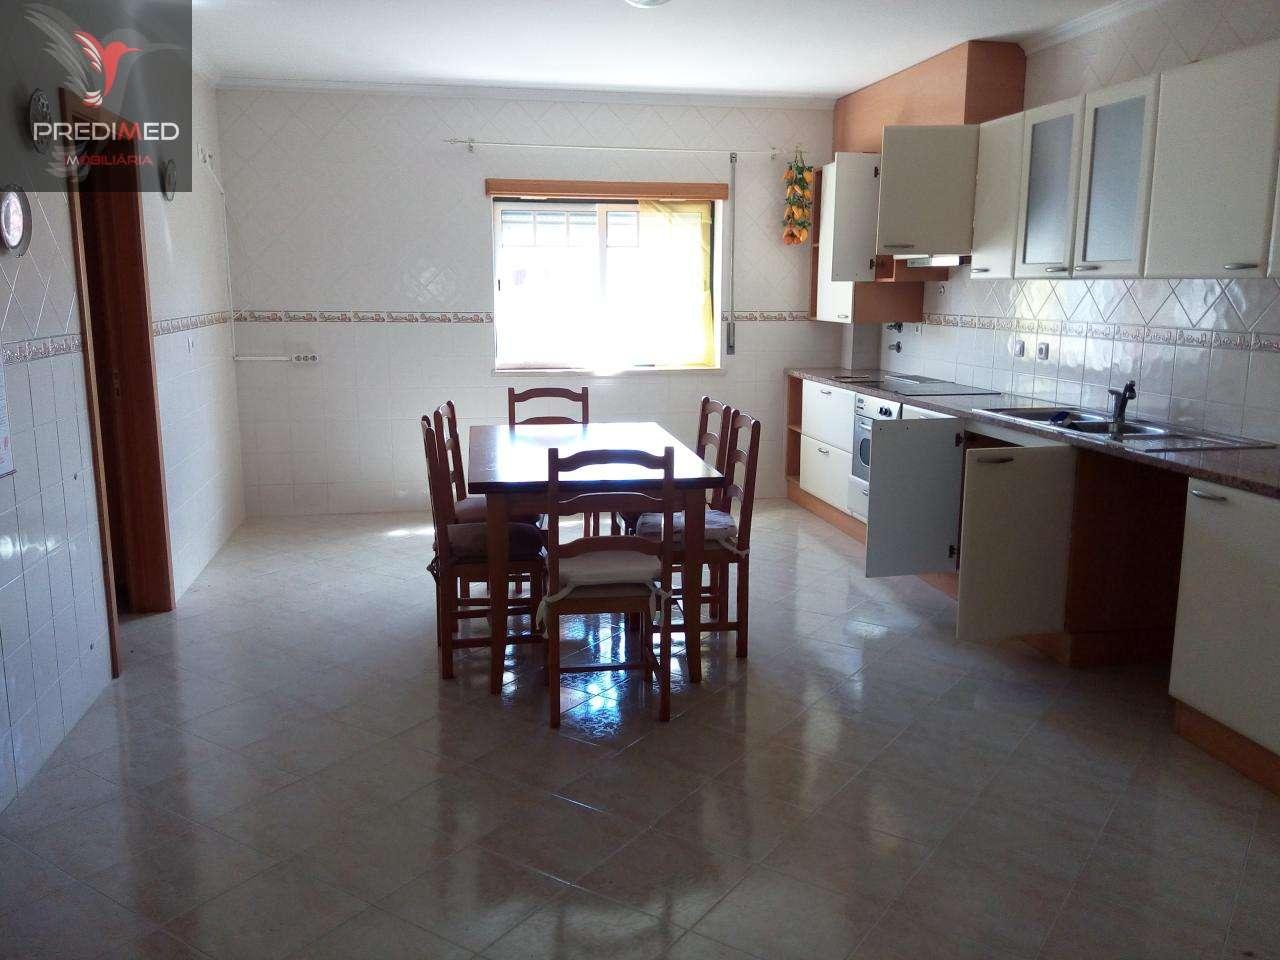 Apartamento para comprar, Roliça, Leiria - Foto 2